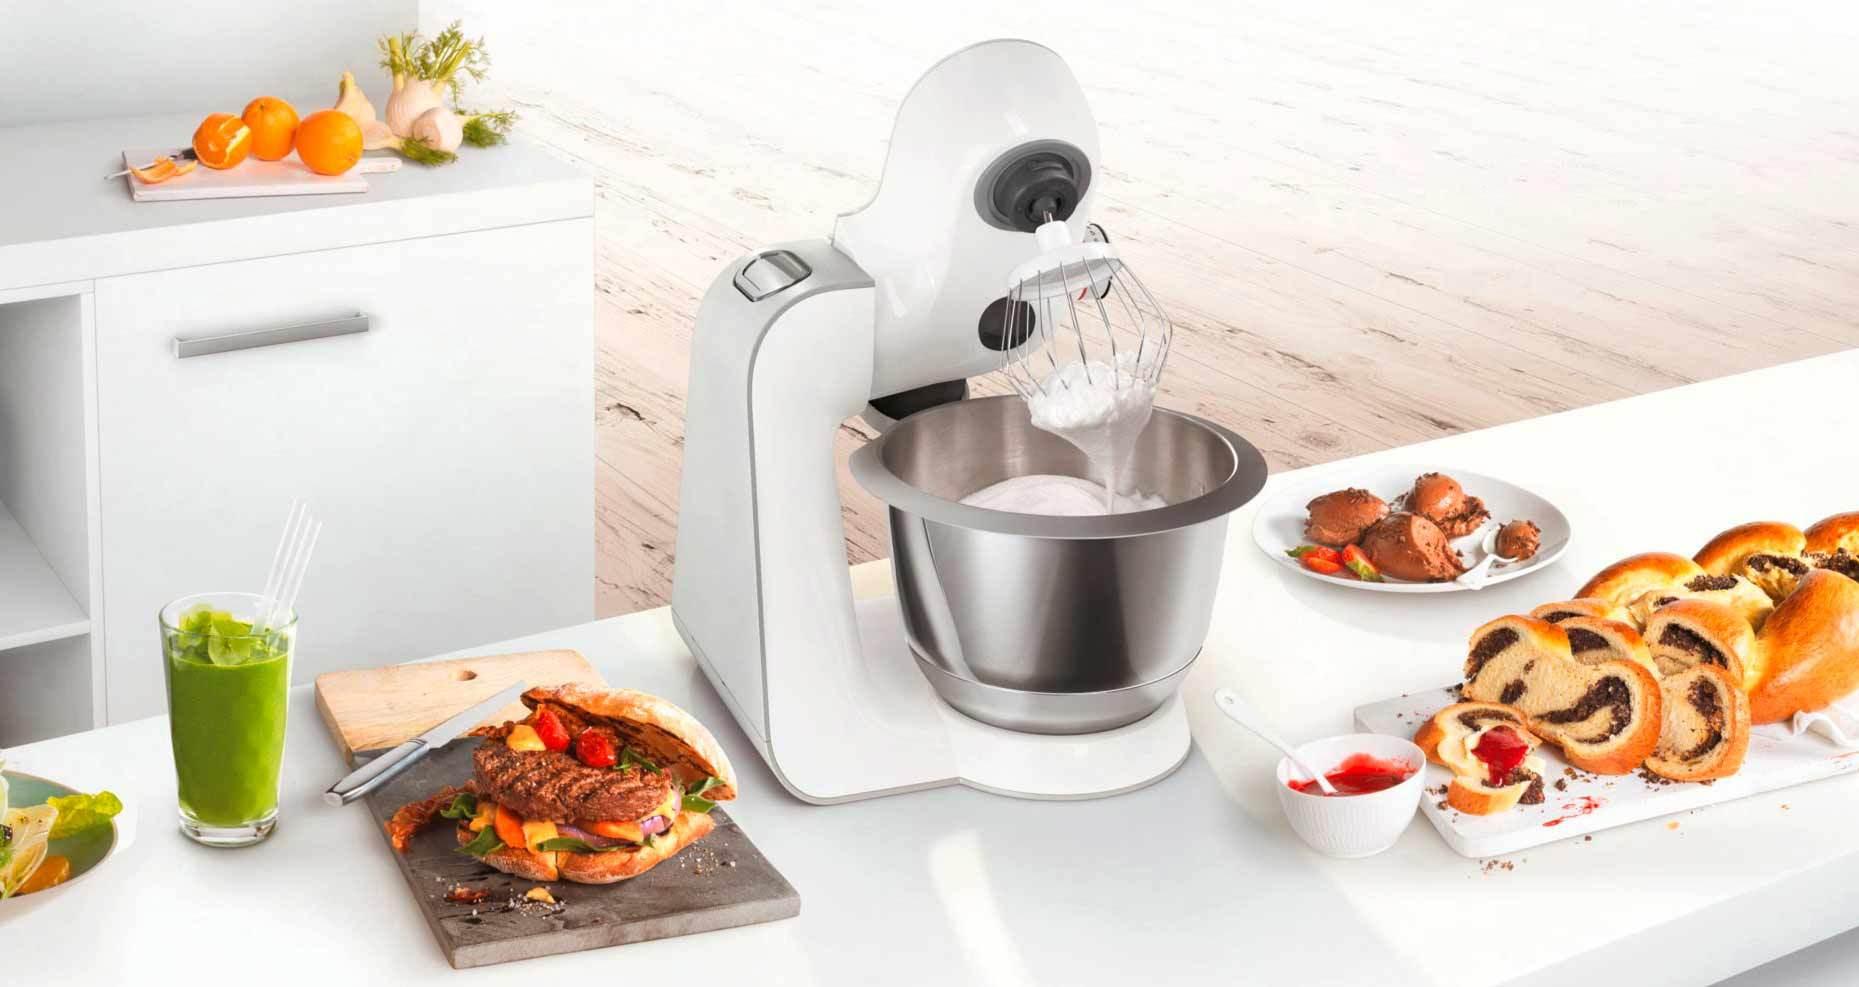 Comment bien choisir son robot de cuisine?